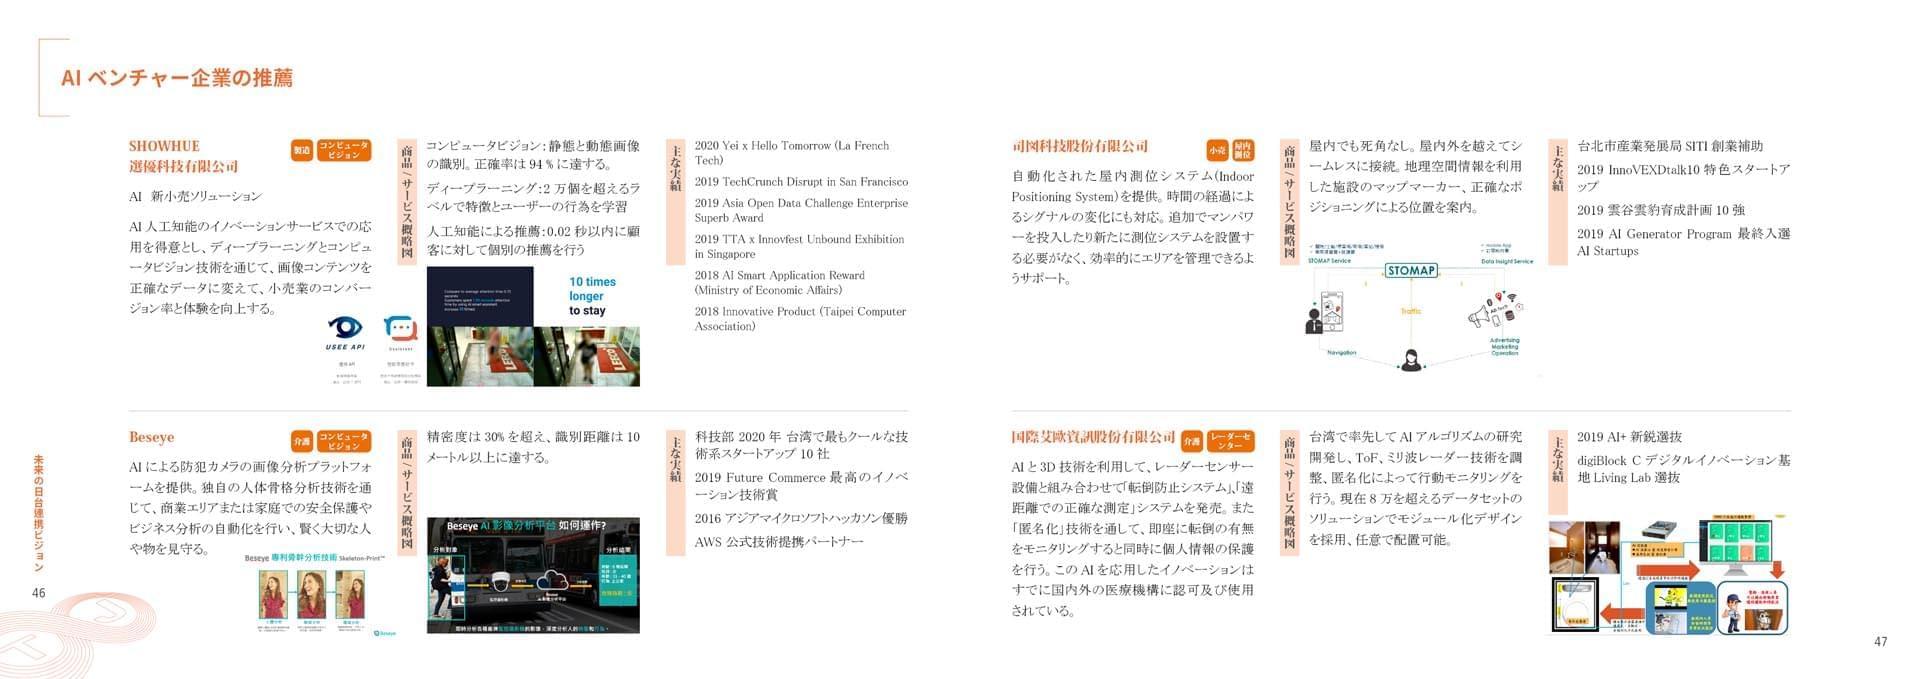 台日型錄-日文版60頁-第二次修改070226